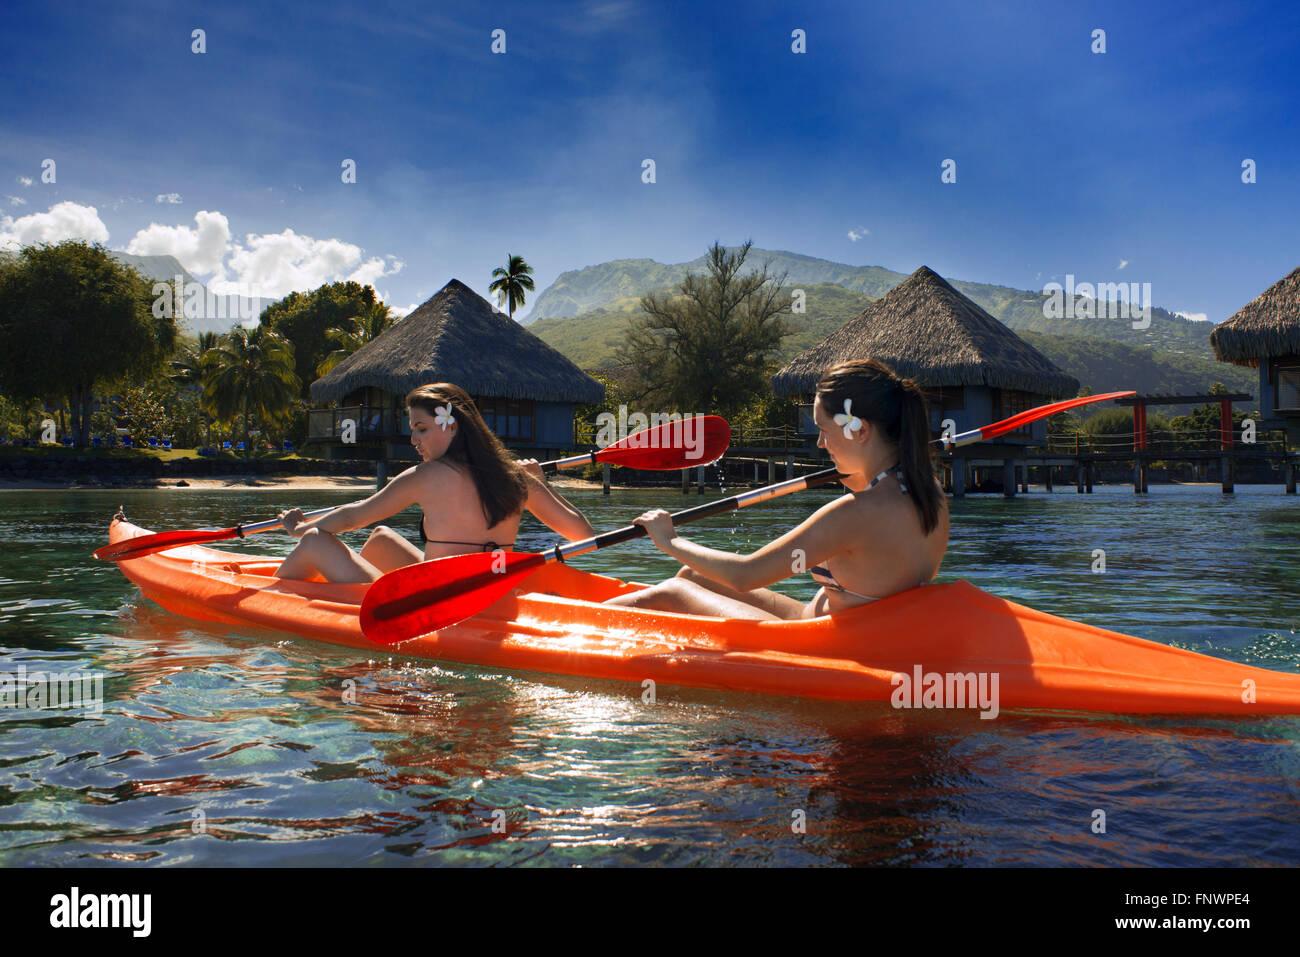 Deux belles filles faisant du kayak en face de Meridien Hotel sur l'île de Tahiti, Polynésie Française, Photo Stock